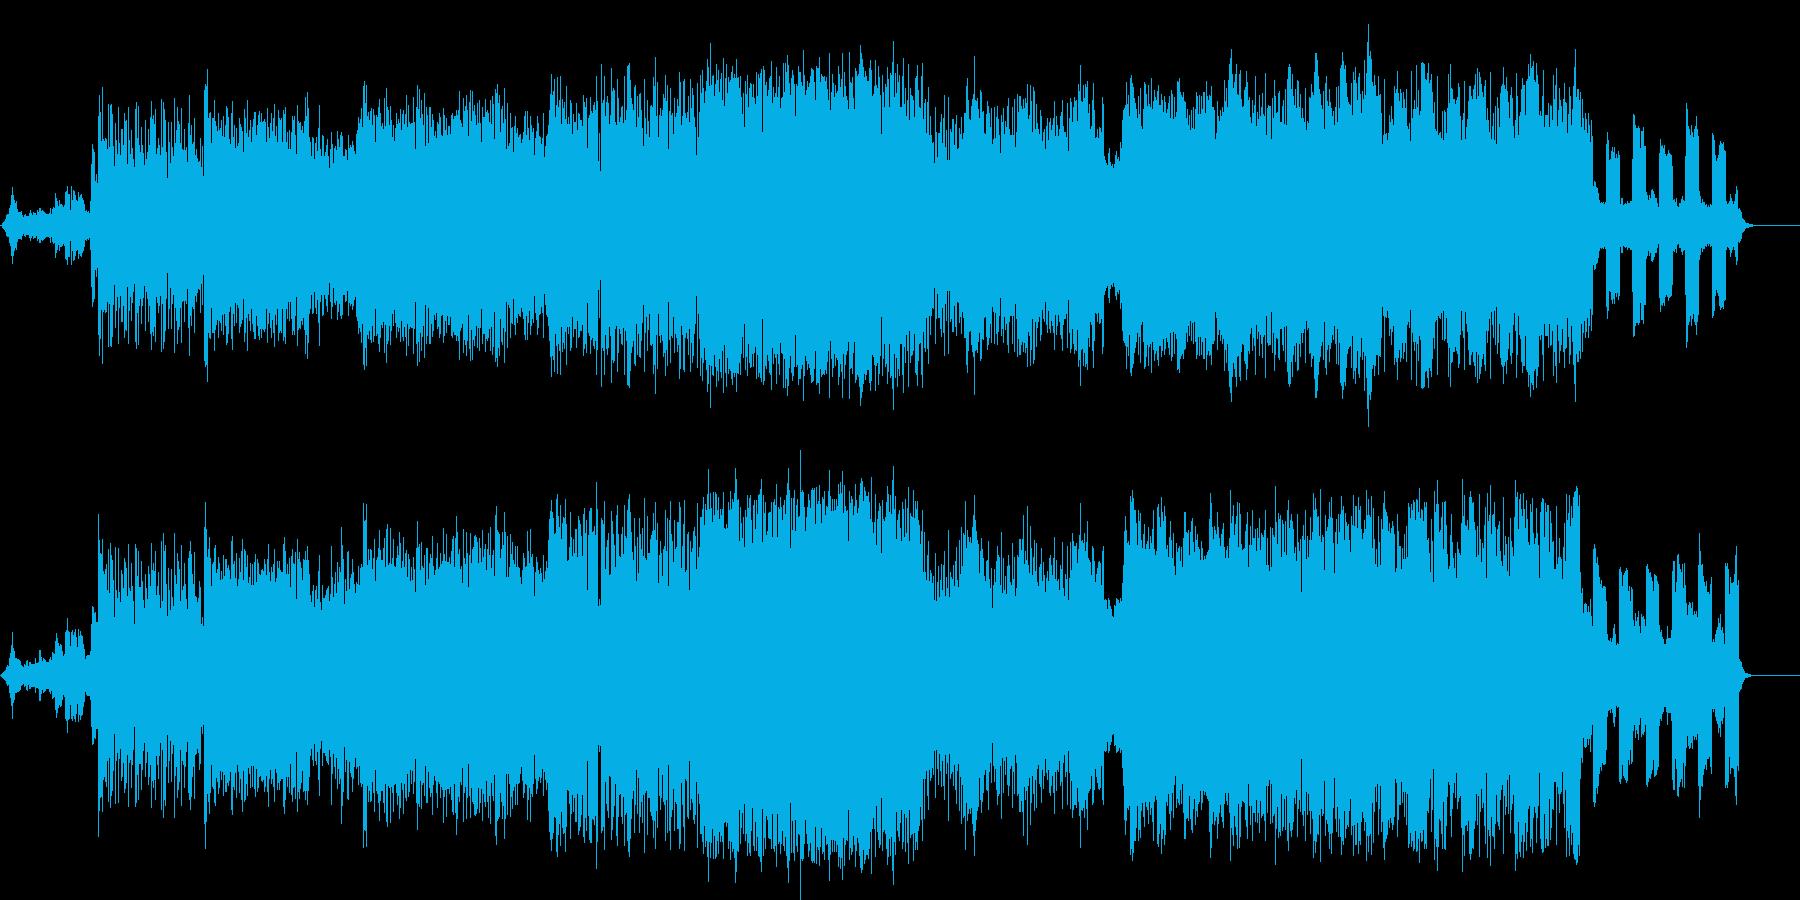 時空間をトリップする様な緊迫感溢れる曲の再生済みの波形